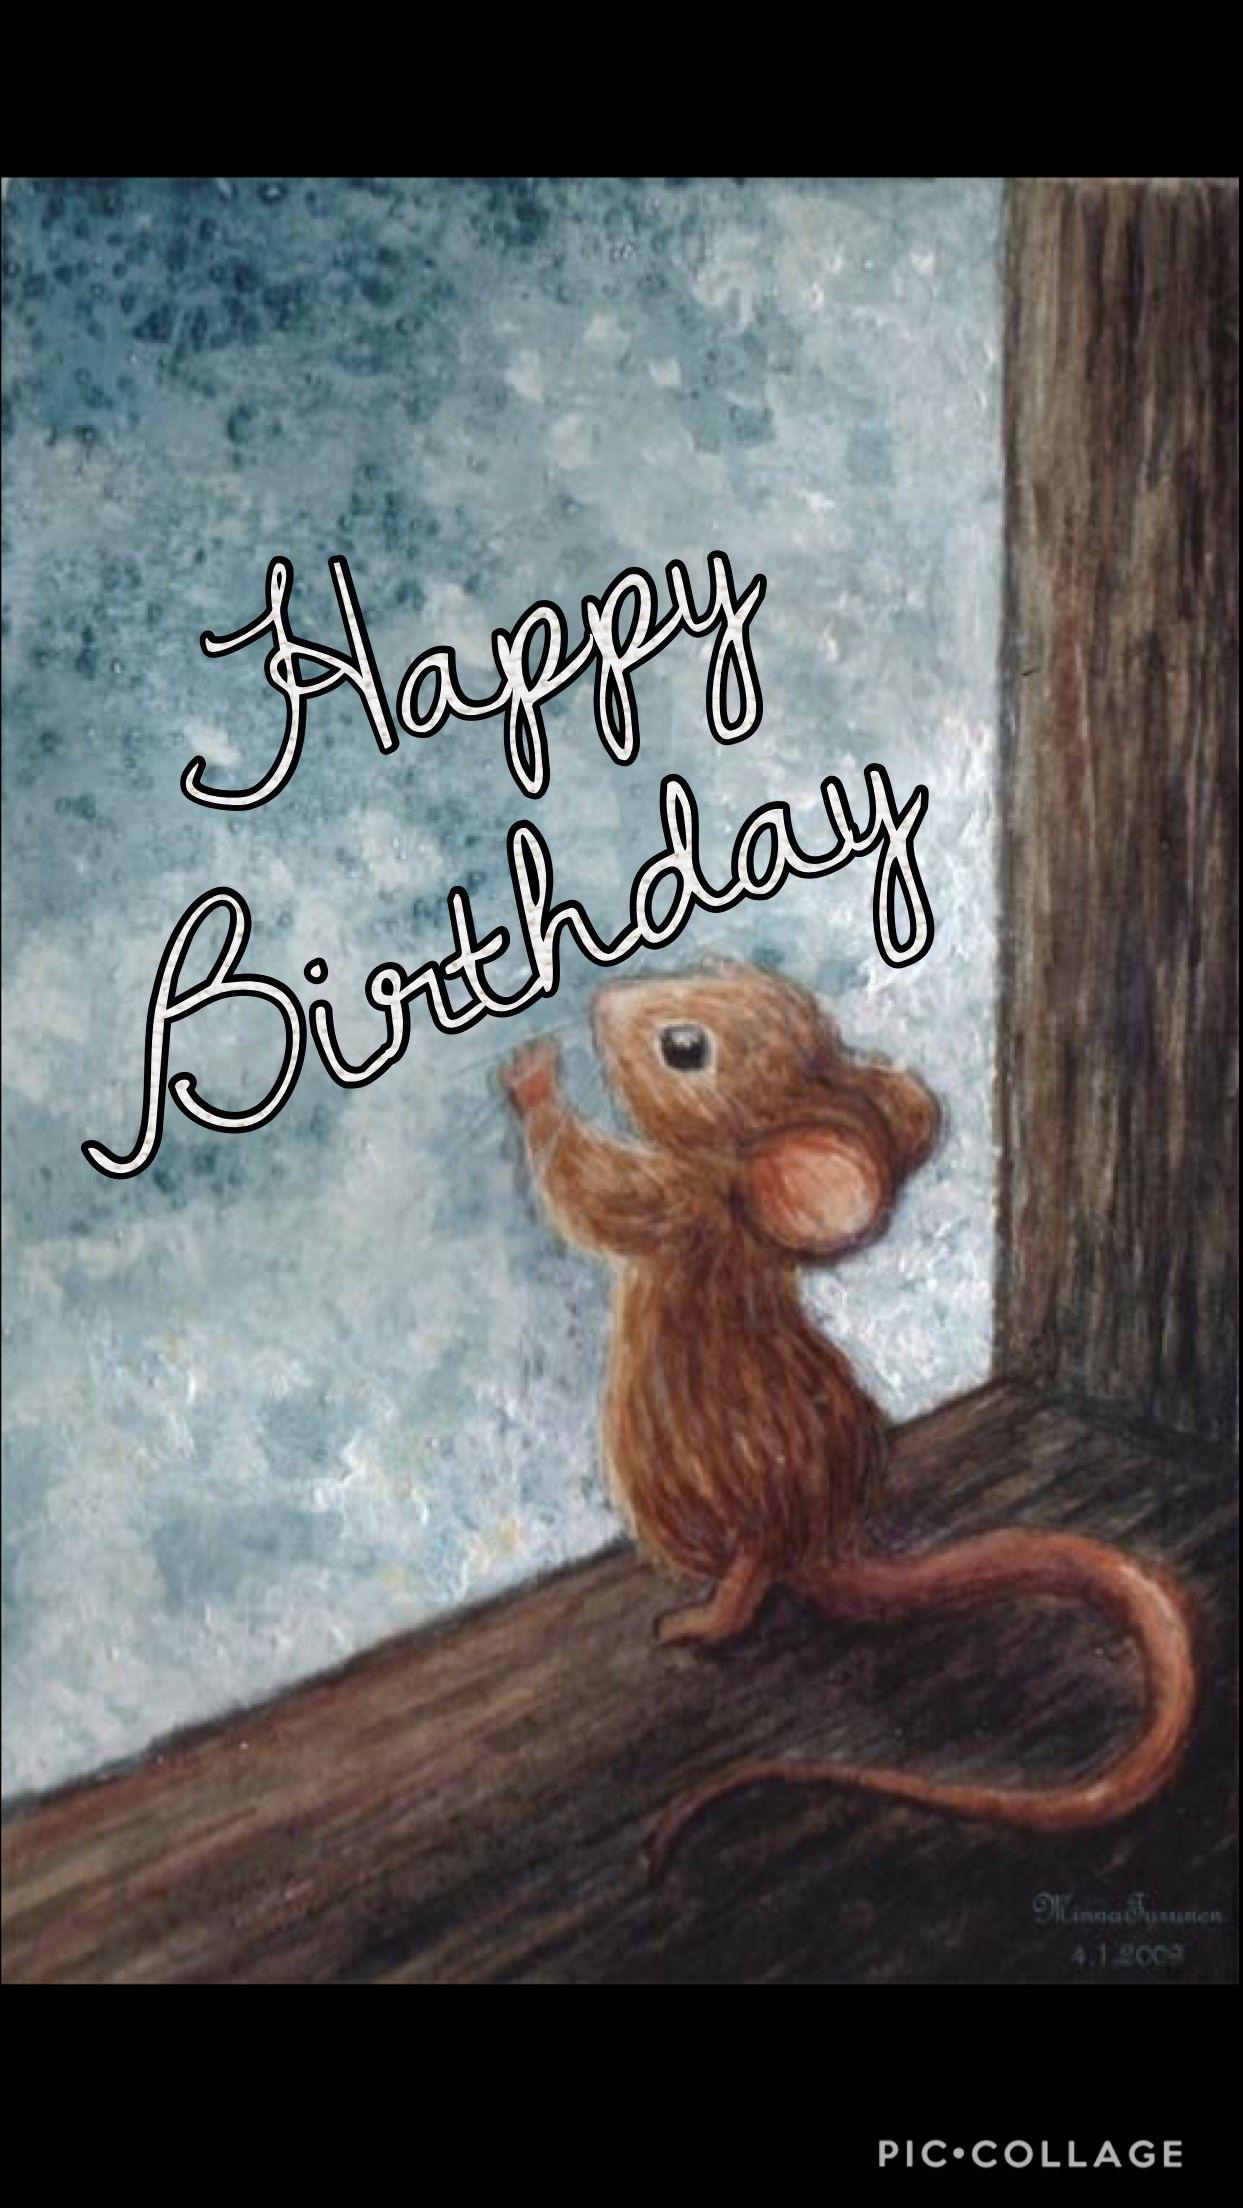 Geburtstagswünsche #birthdayquotesforsister